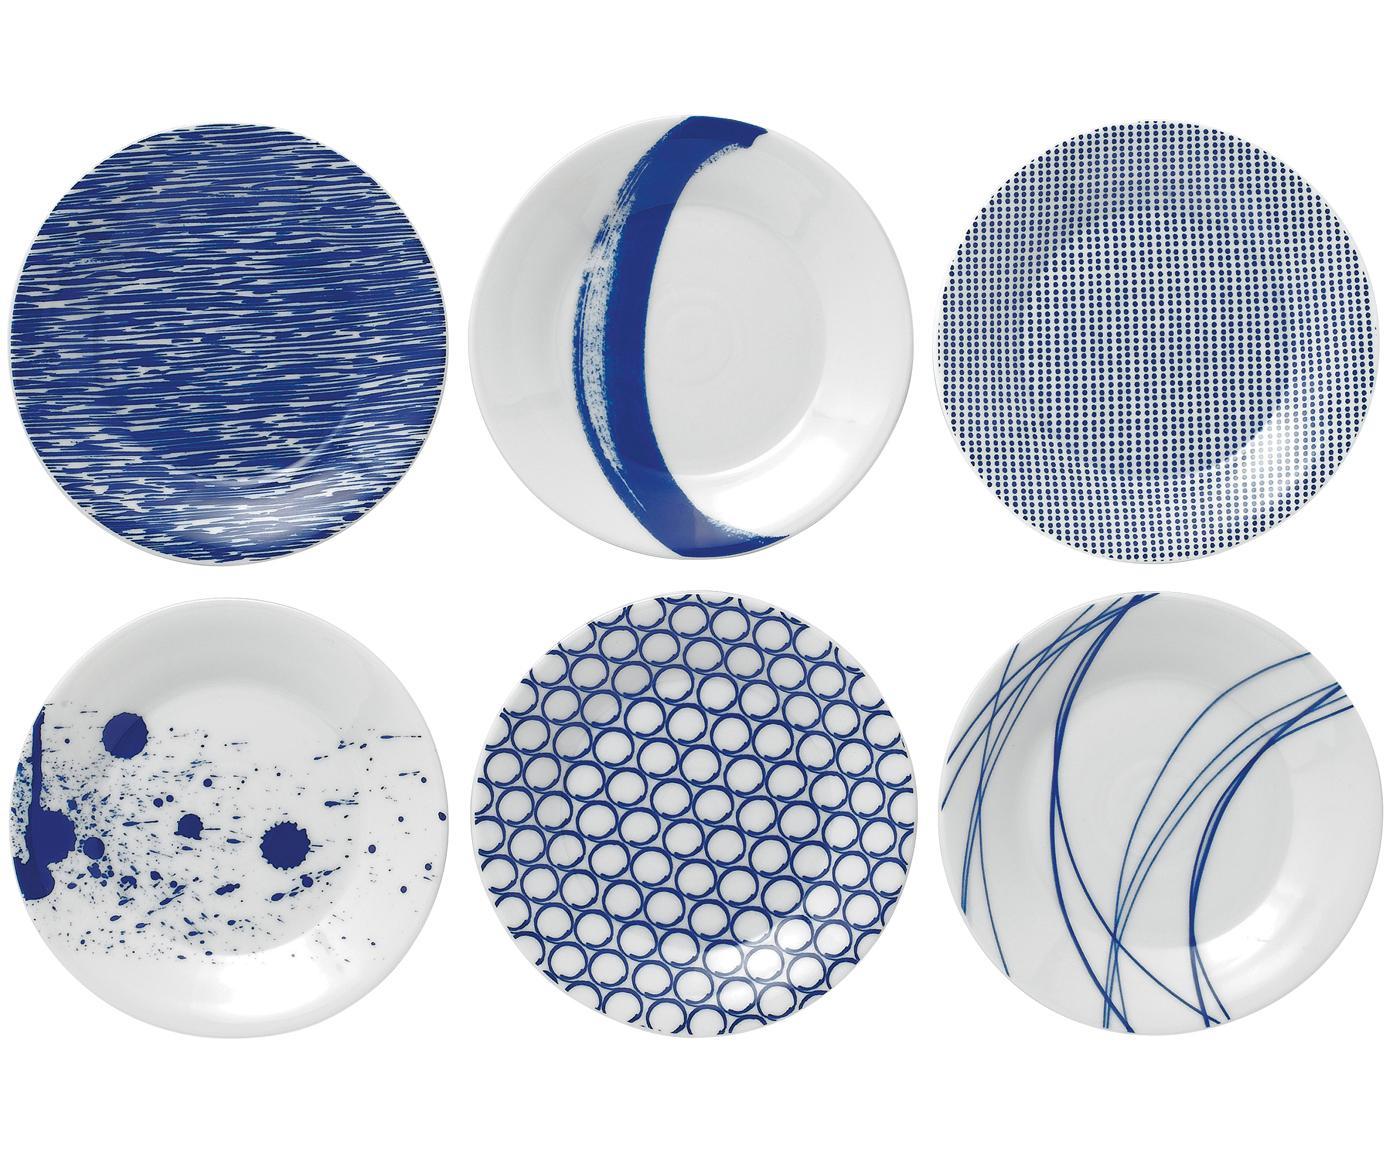 Komplet talerzy Pacific, 6 elem., Porcelana, Biały, niebieski, Ø 16 cm